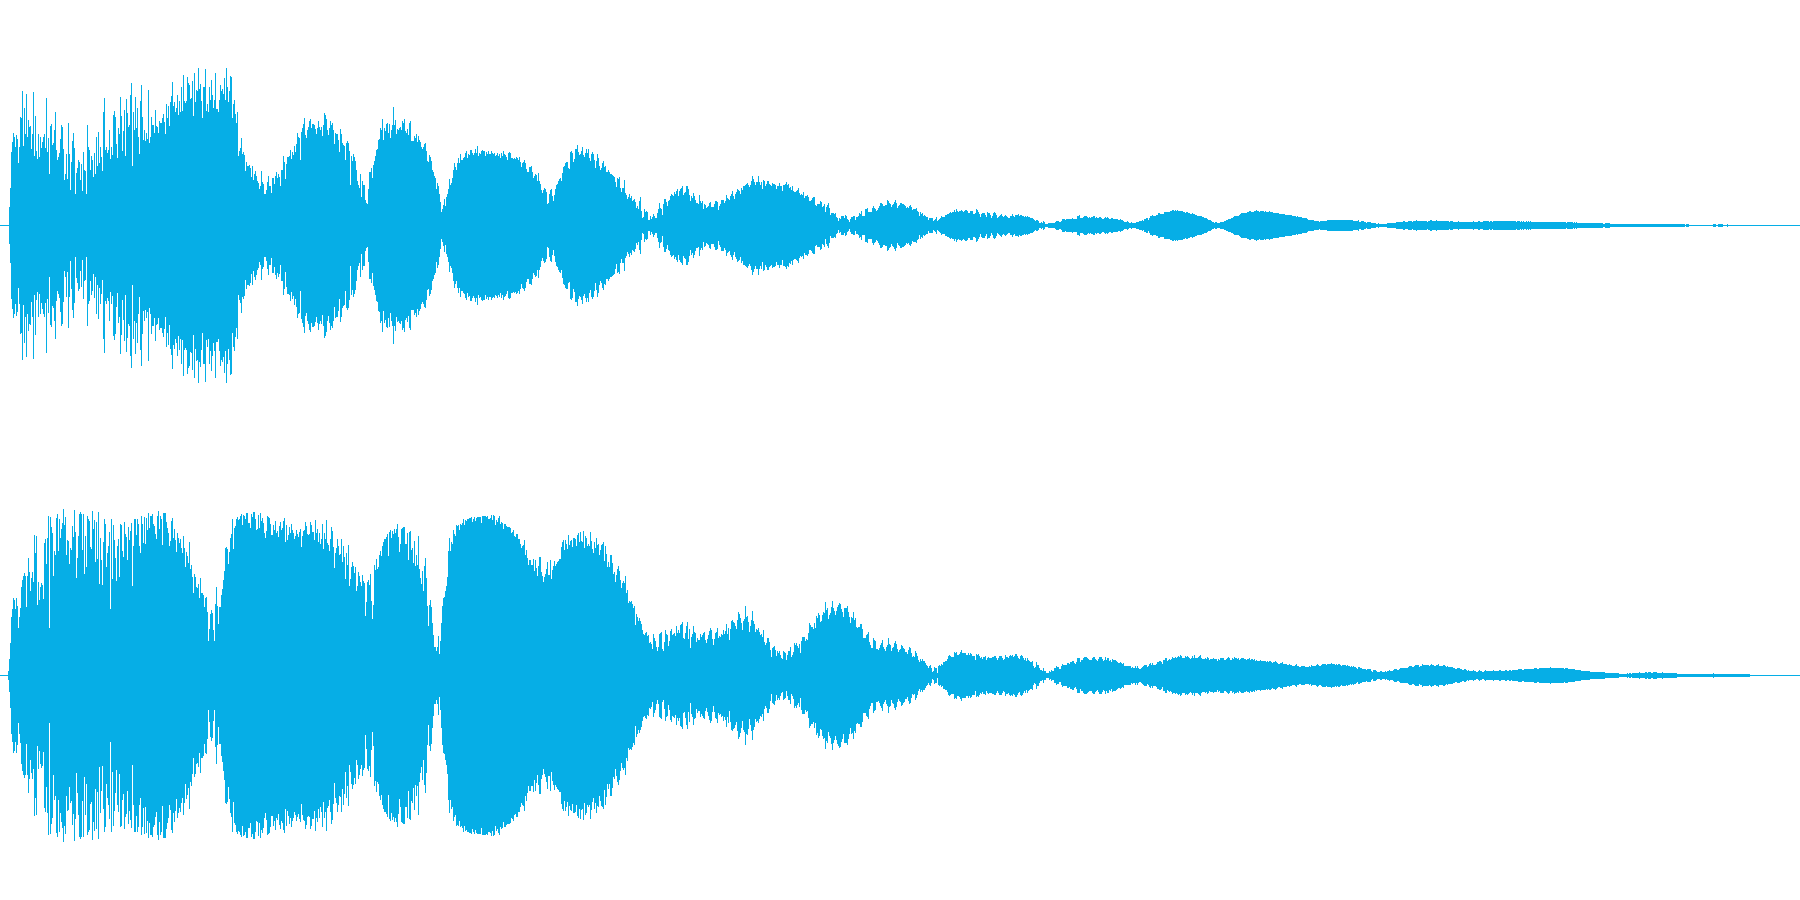 ゴーン(長く響く鐘の音)の再生済みの波形